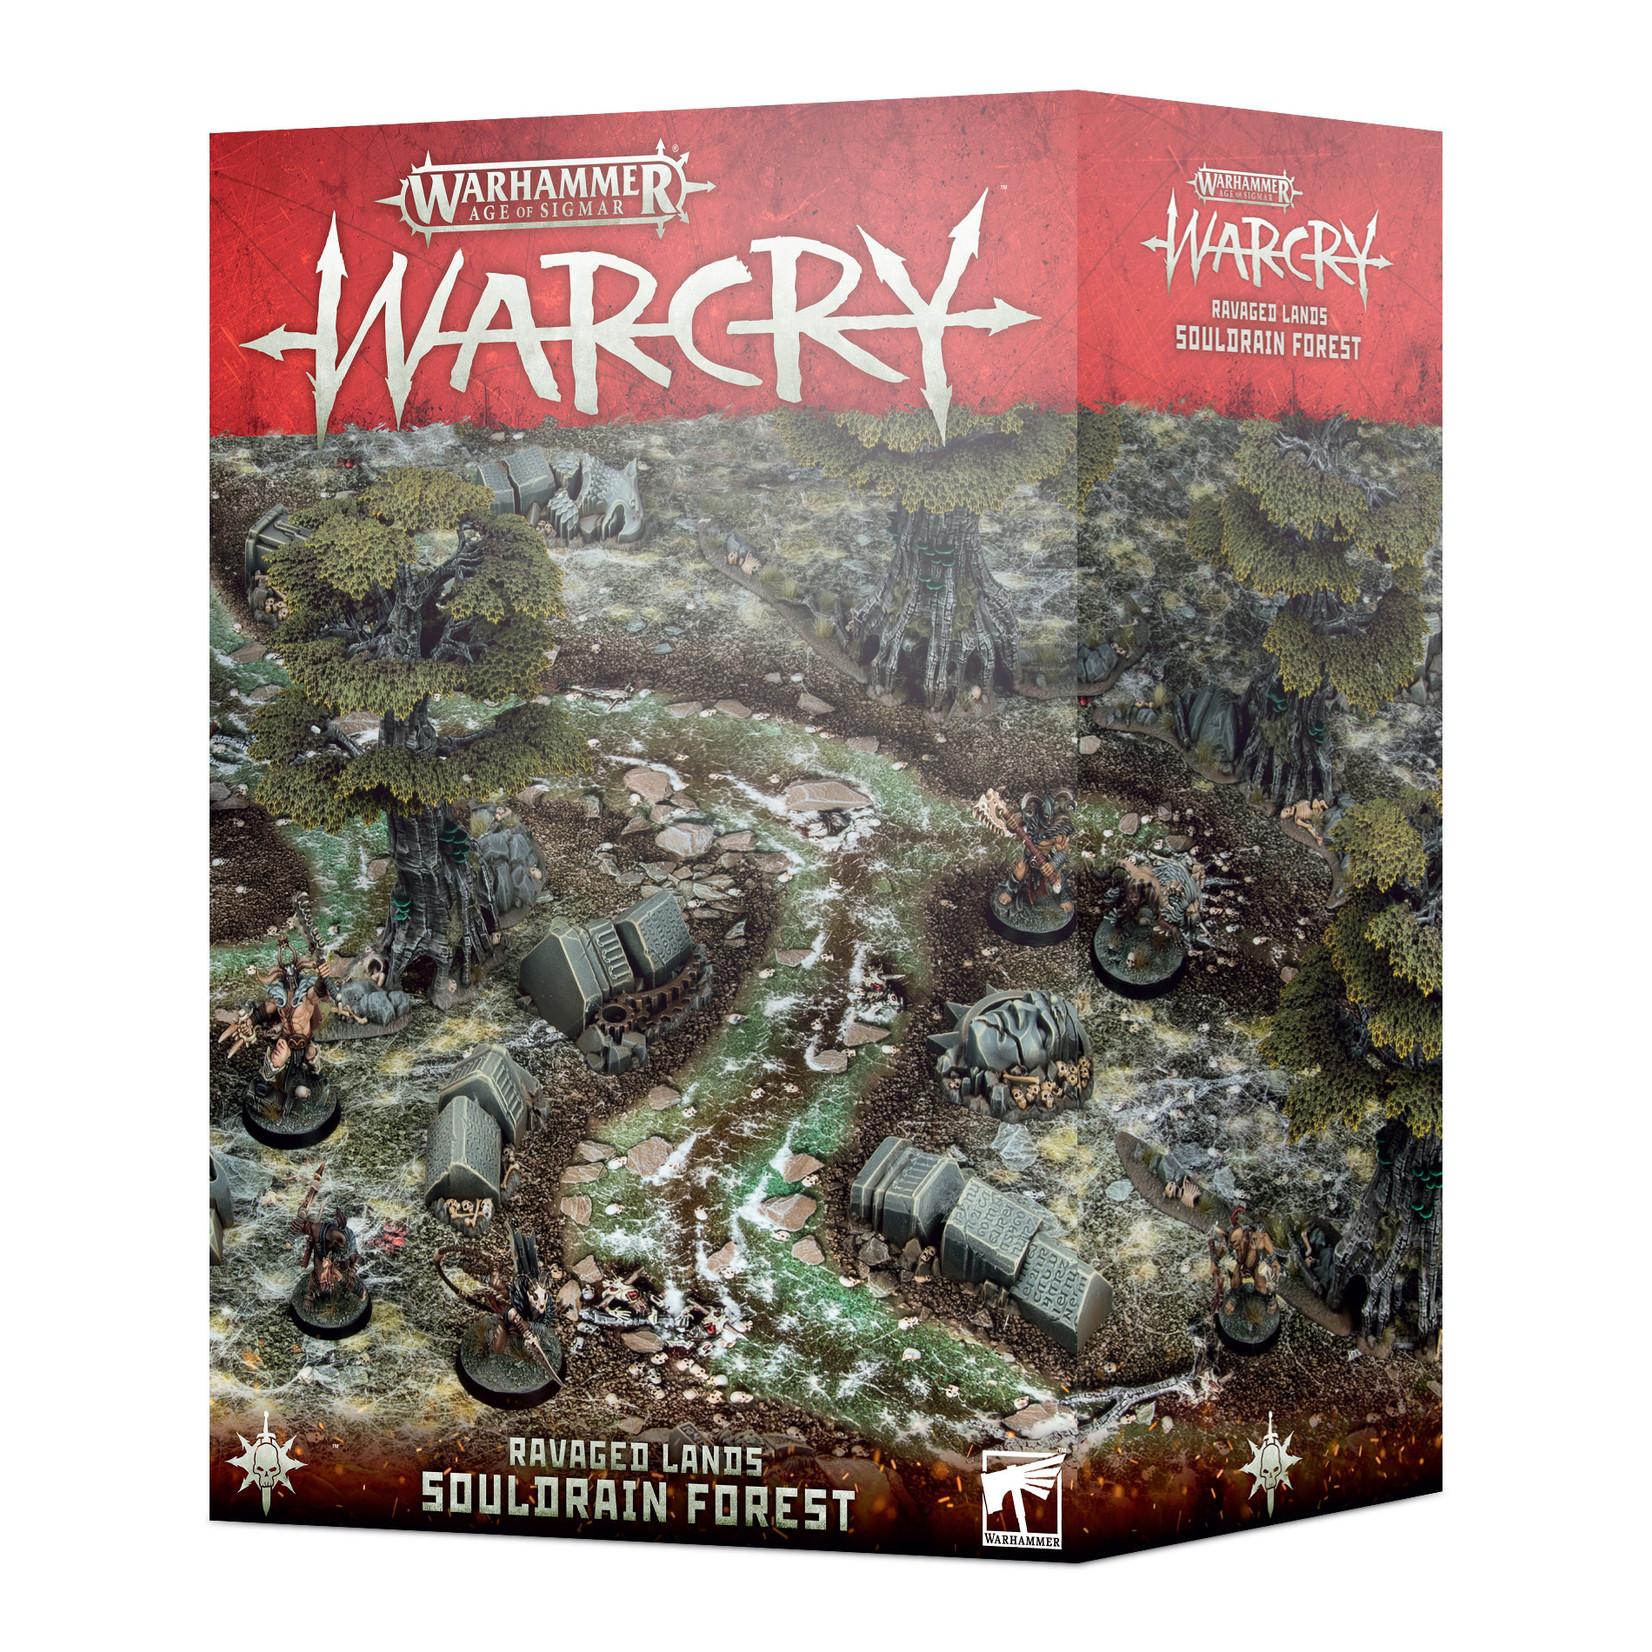 Games Workshop Warcry: Souldrain Forest